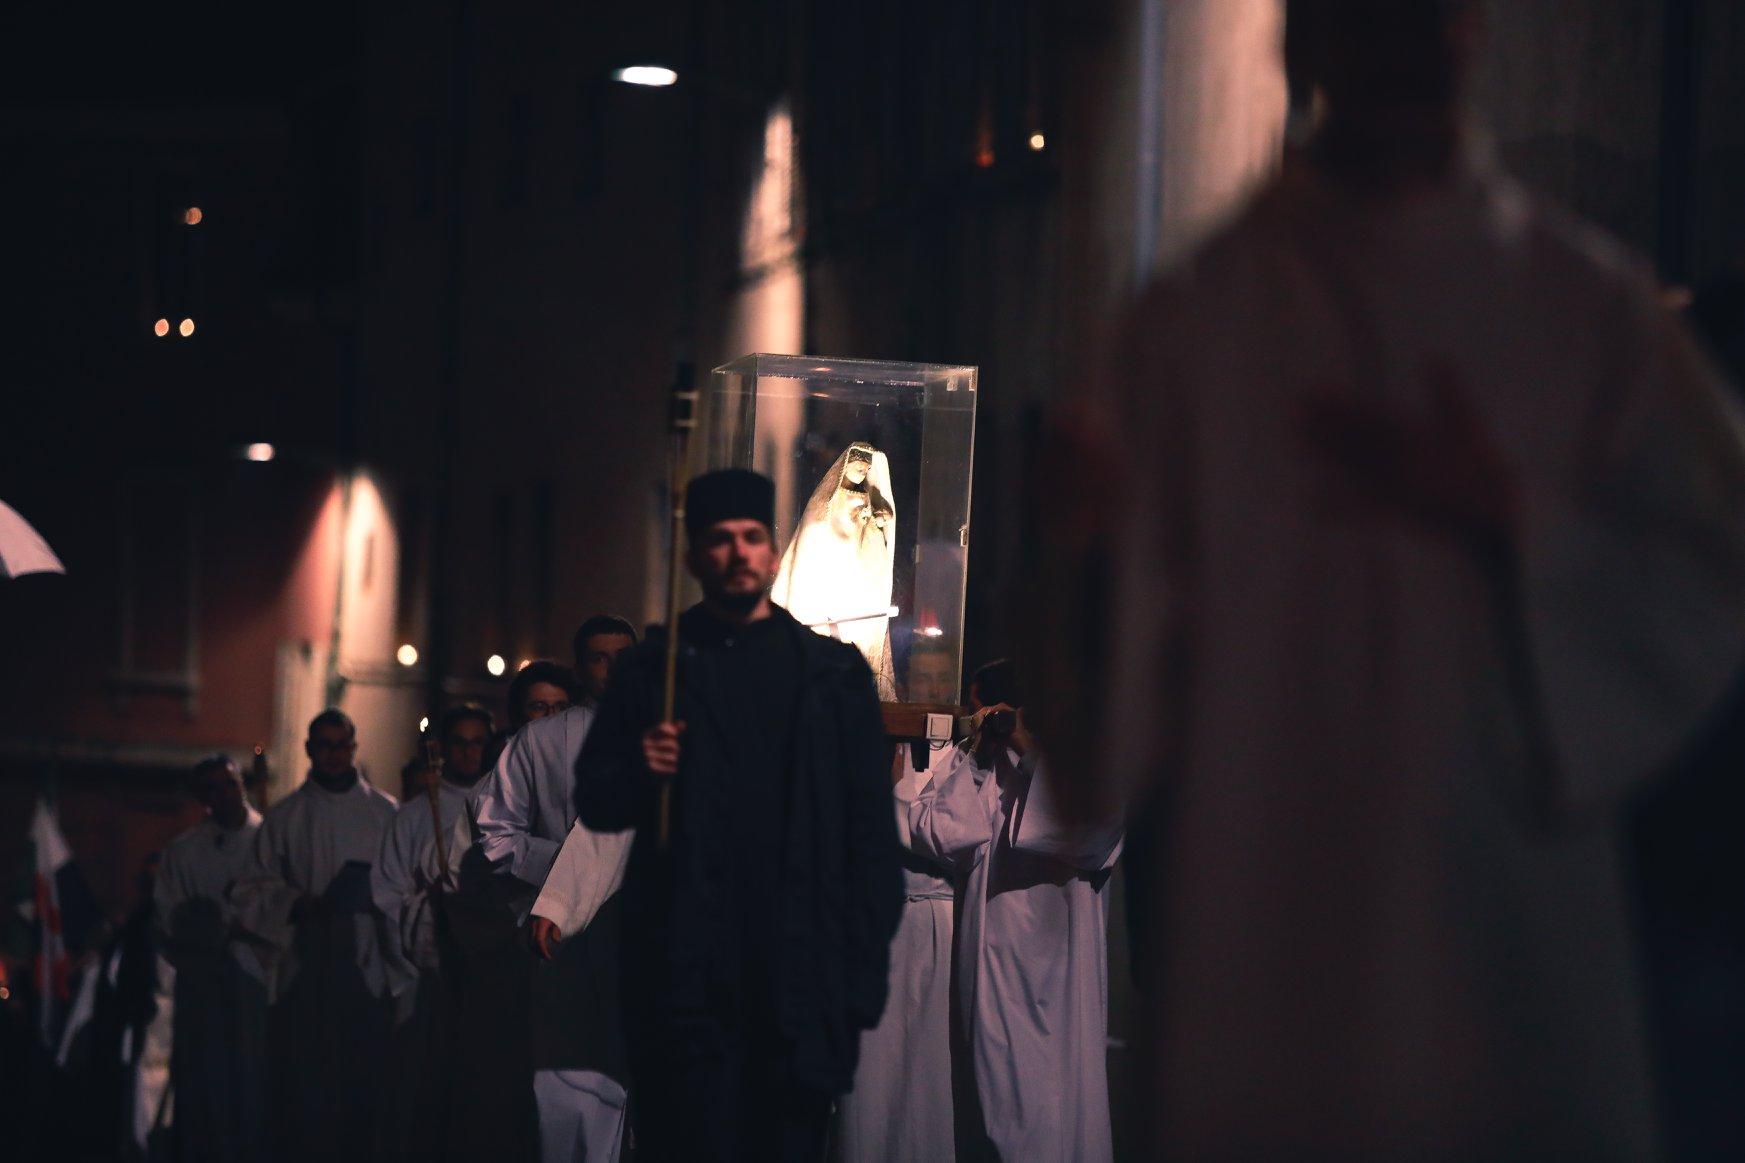 8 décembre 2018 : fête de l'Immaculée Conception